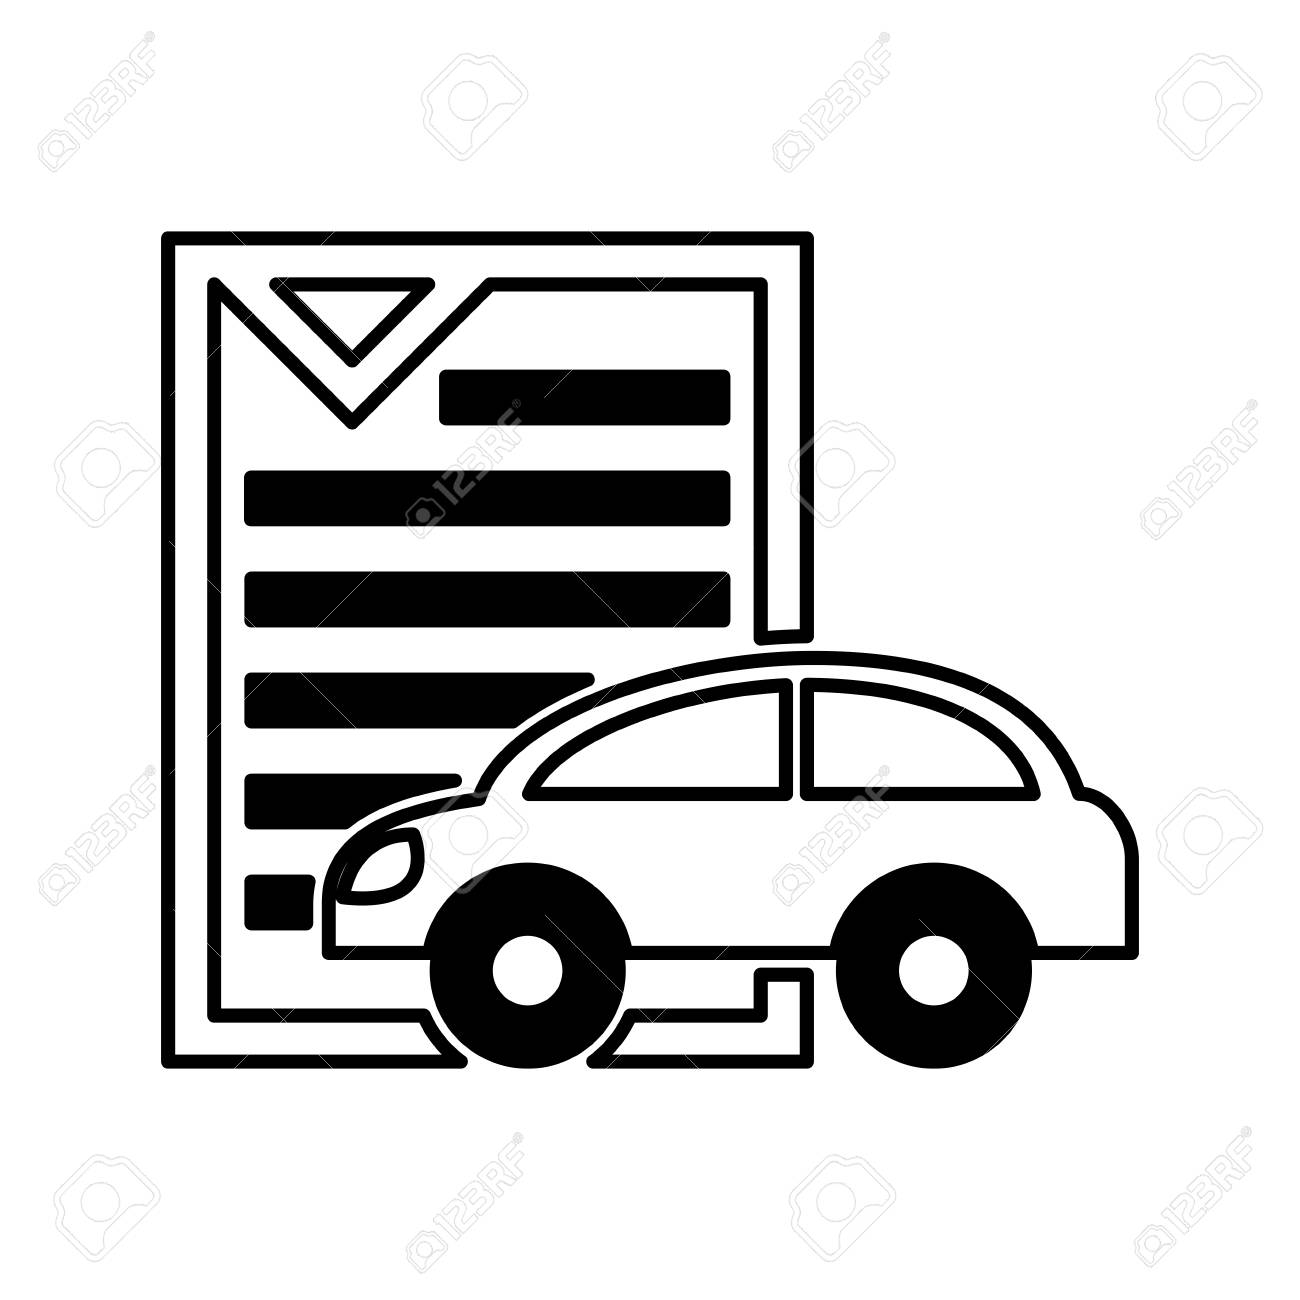 ドキュメント アイコン ベクトル イラスト デザインと車車シルエットの